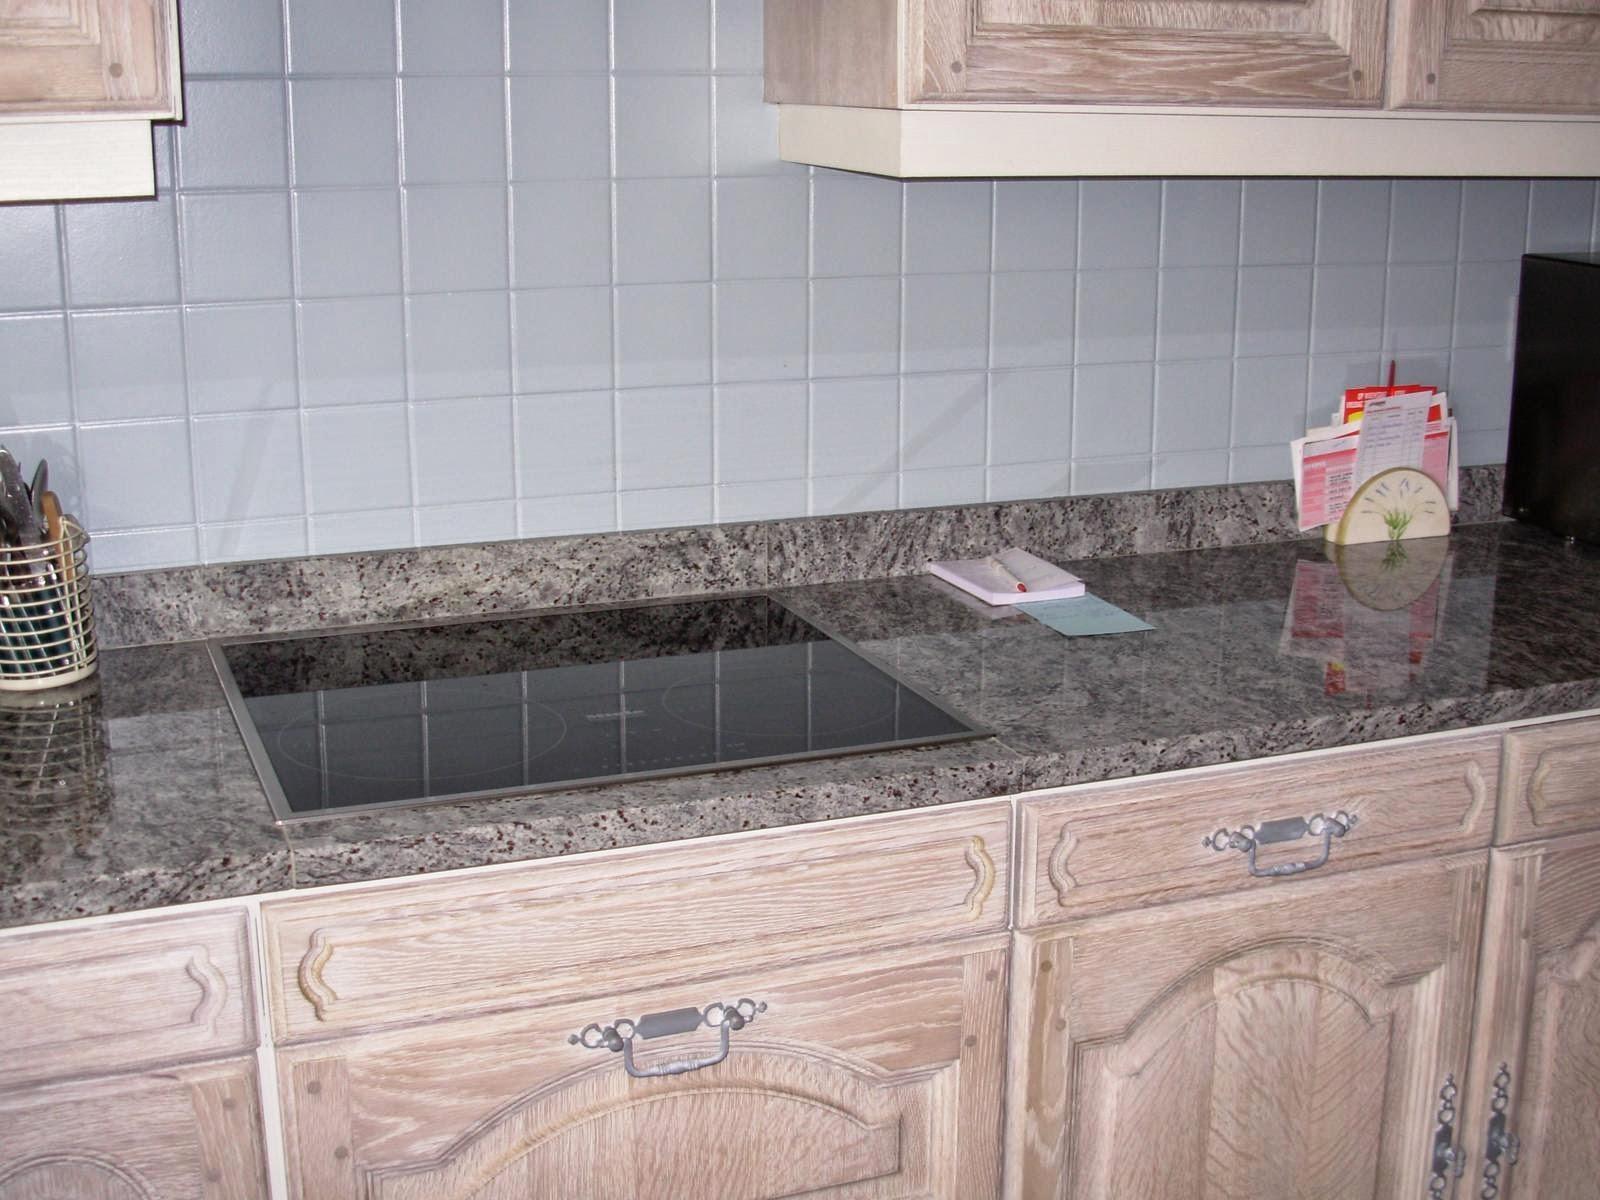 Keukenkasten opknappen: keuken opknappen met klein budget ...